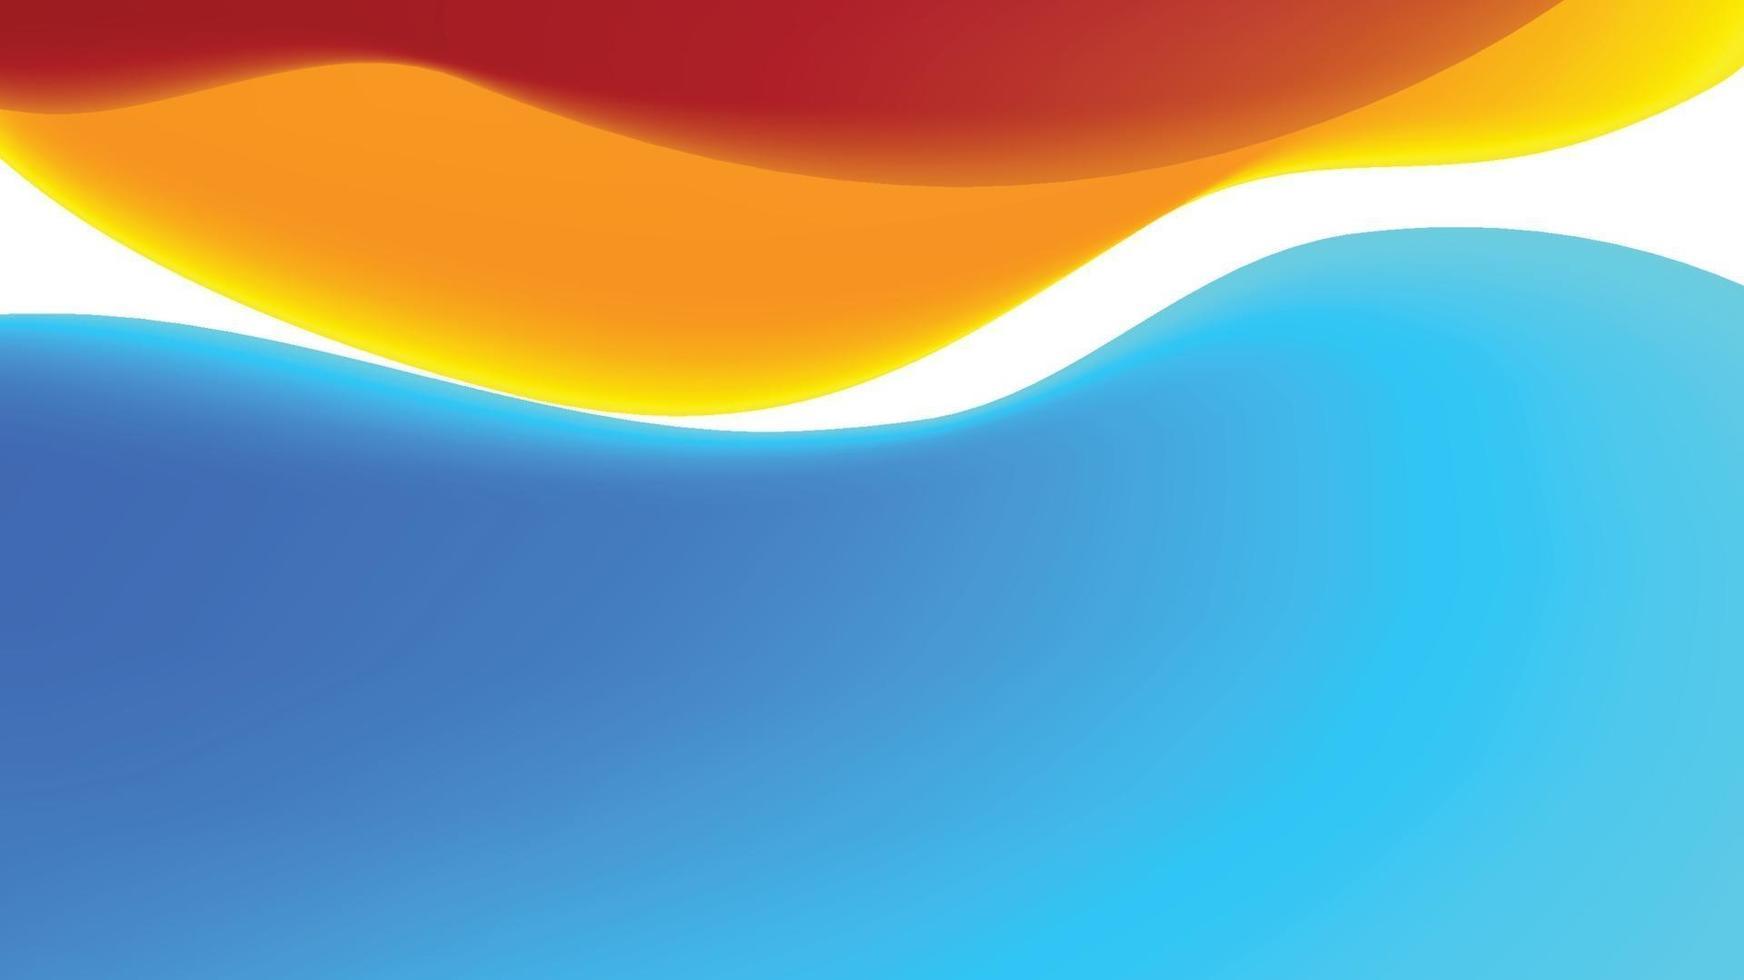 imagem de fundo colorida com misturas sobrepostas vetor